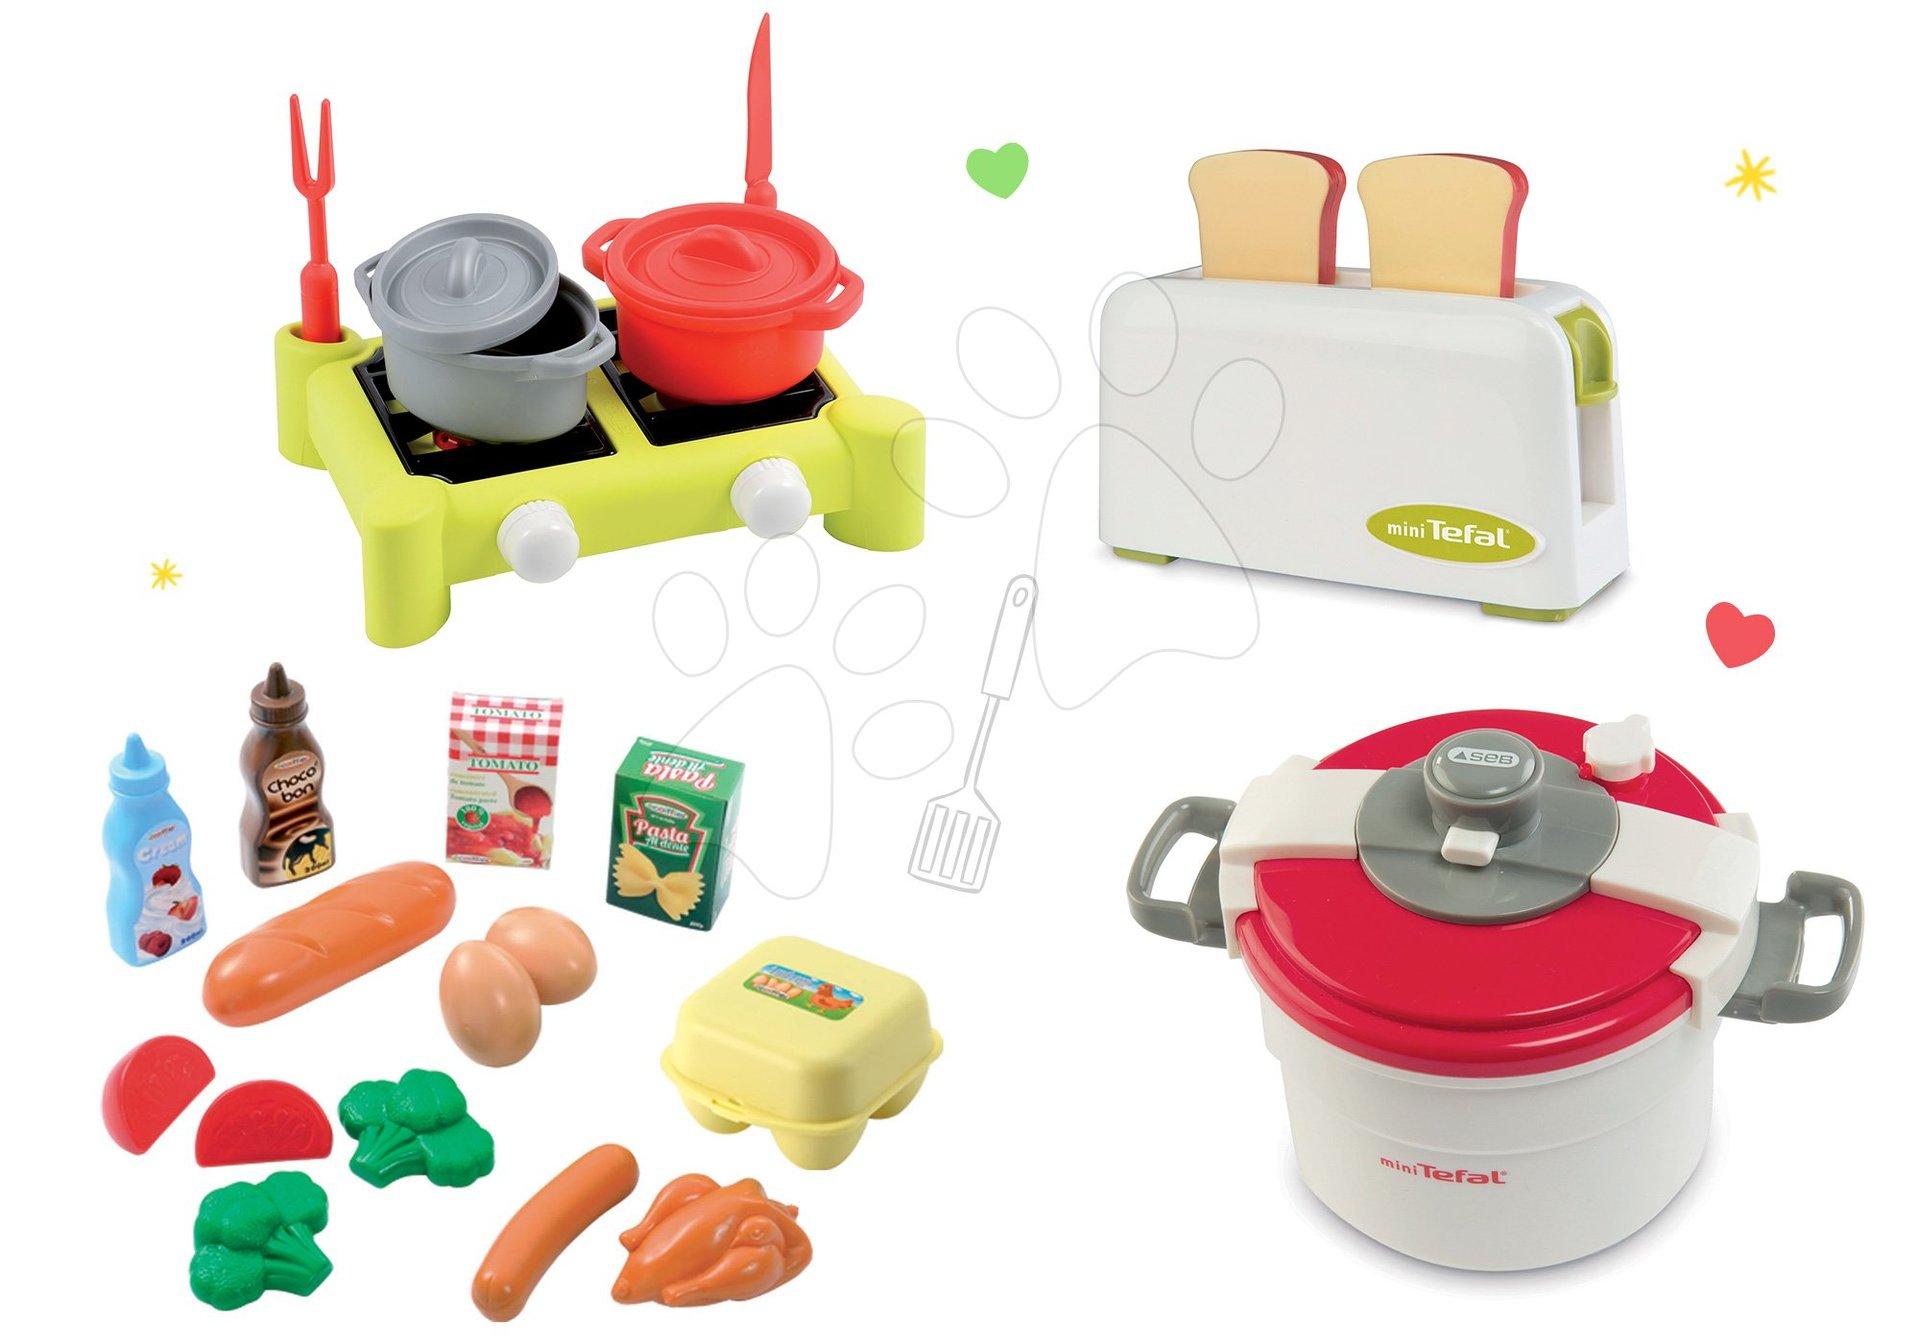 Smoby detské spotrebiče toaster a hrniec Tefal, Écoiffier potraviny a varič 310504-4